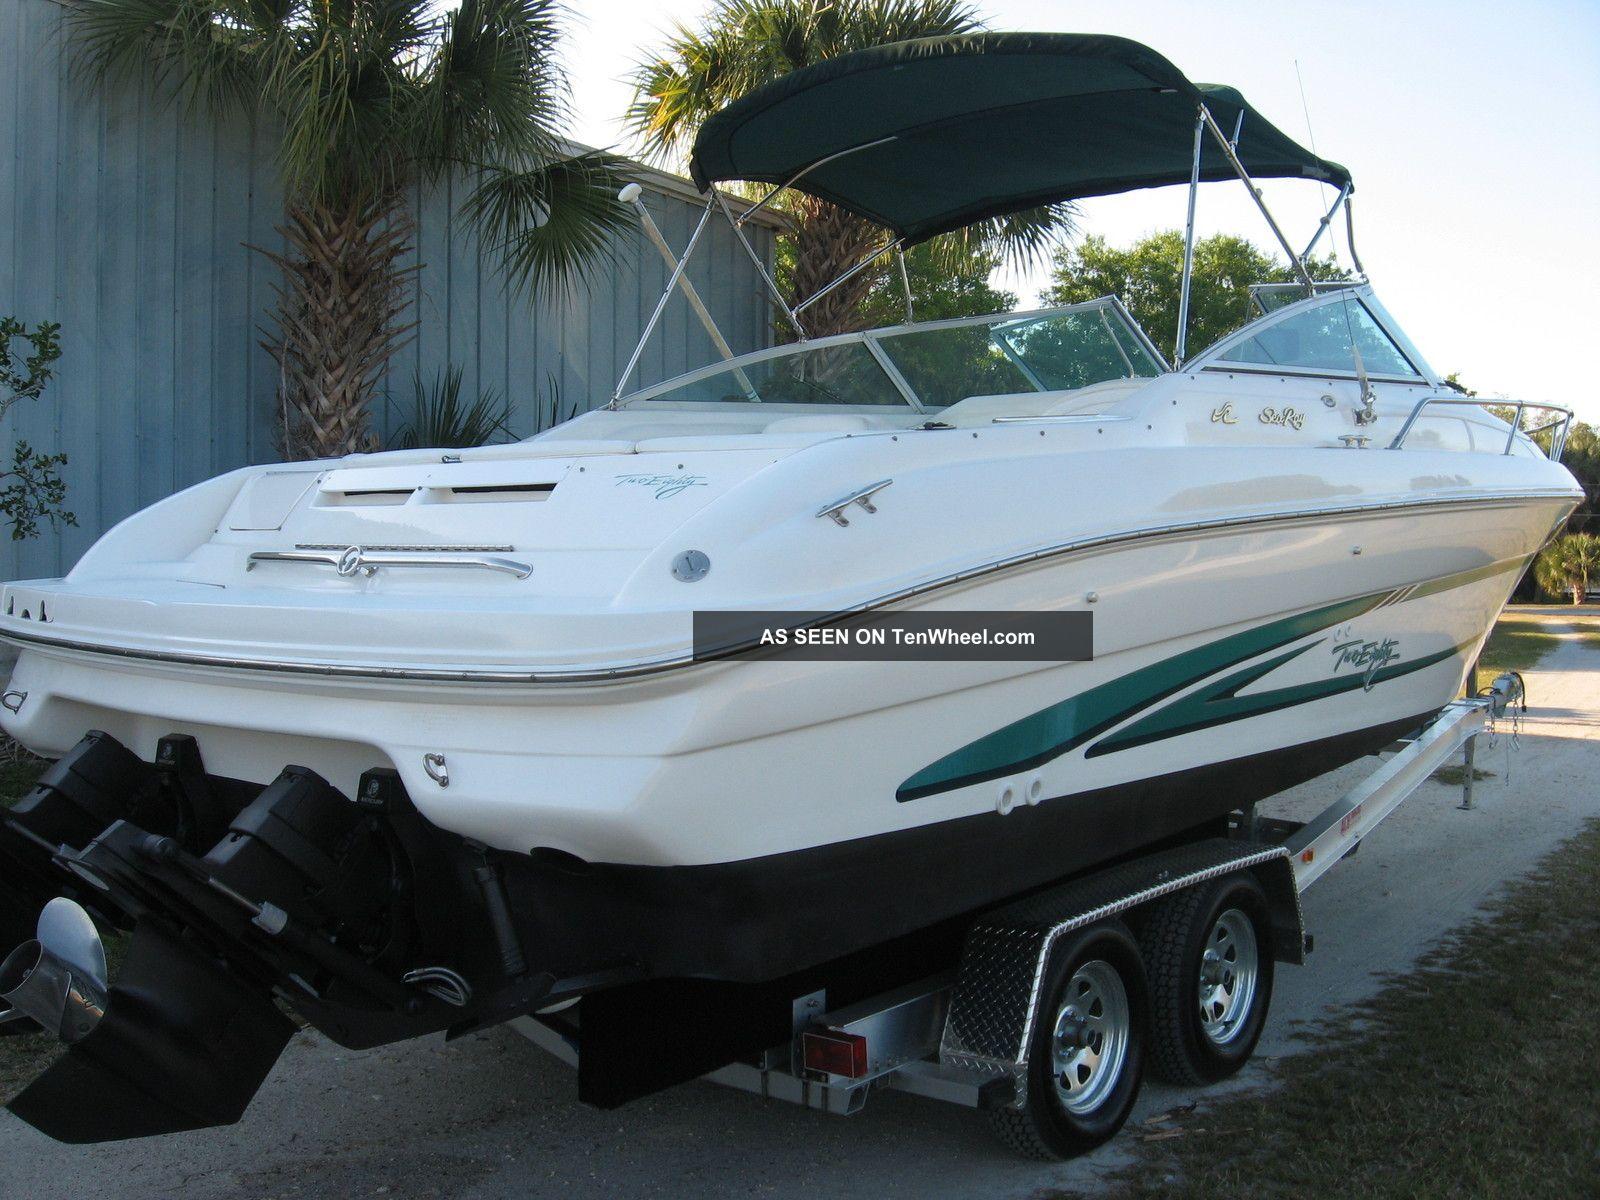 1999 Sea Ray 280 Ss